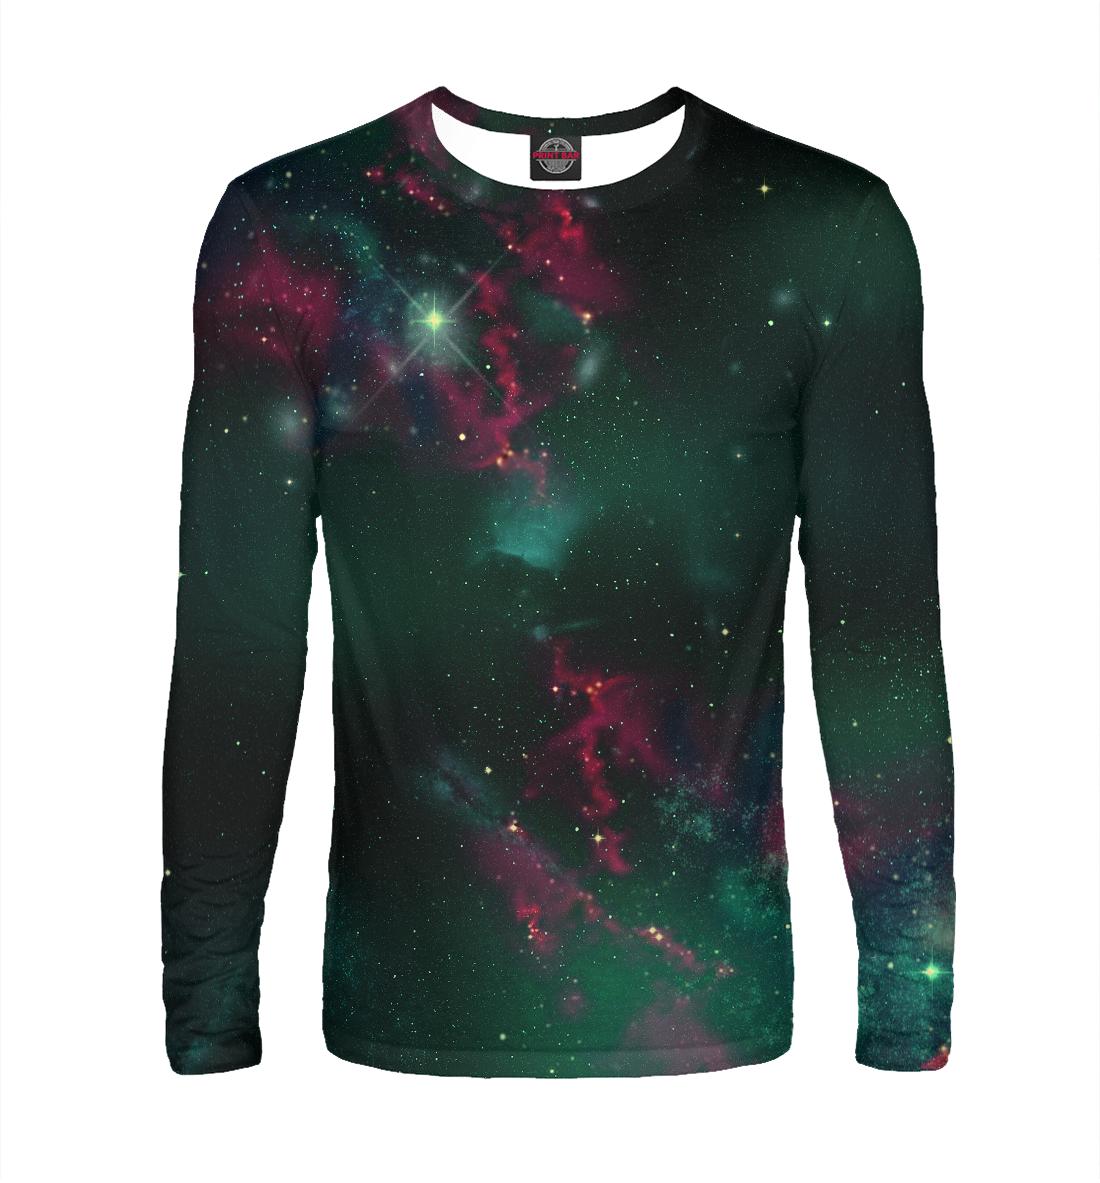 Купить Звёздный путь, Printbar, Лонгсливы, SPA-218743-lon-2